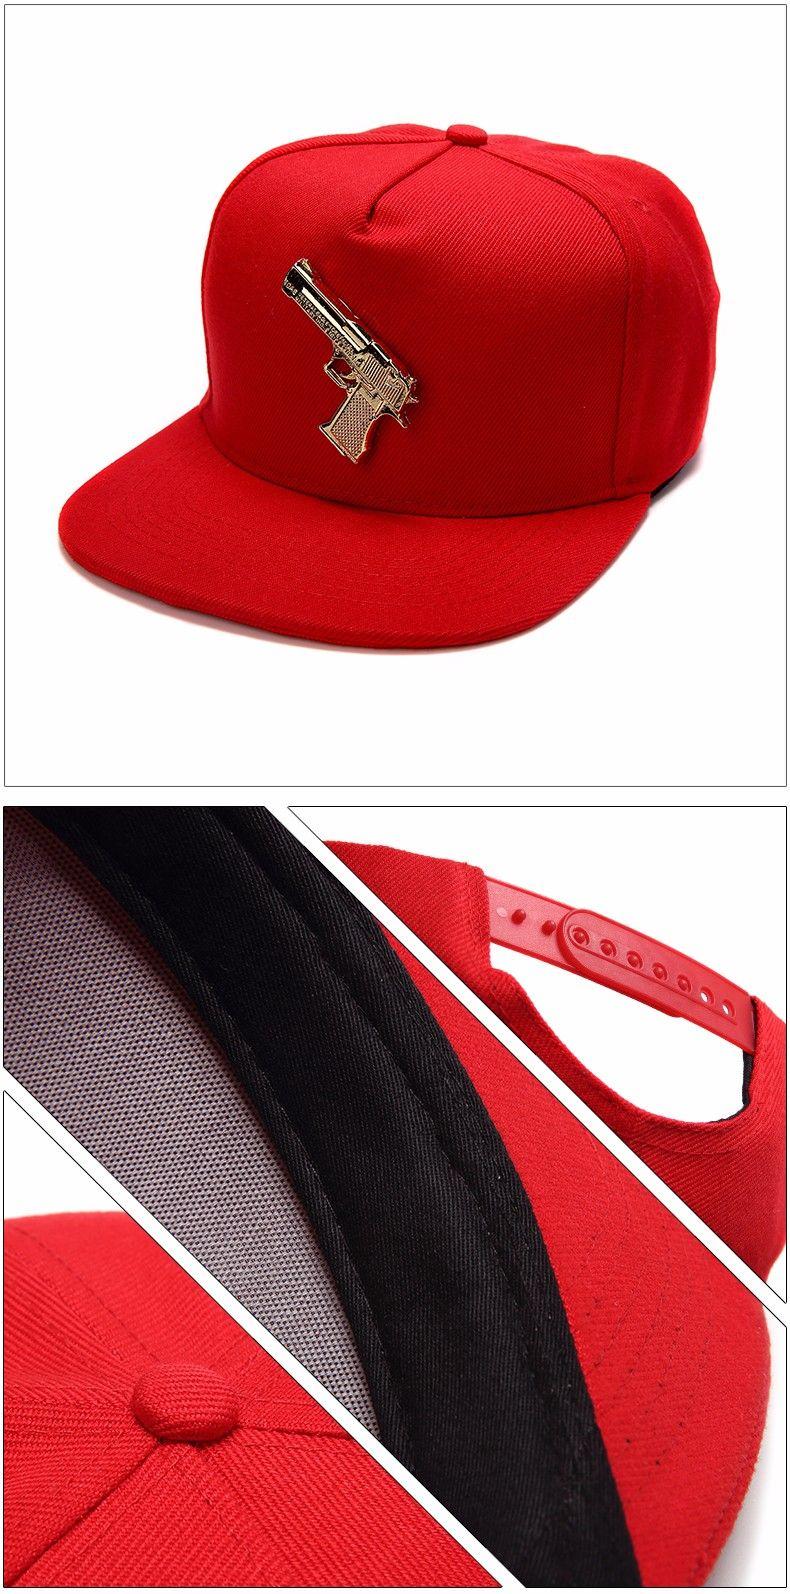 2016 Mode Hysteresen Gorras HipHop Baseball Hüte Coole Gun Logo Baumwolle Adustable Caps Casquette Punk Stil Für Frauen / Männer